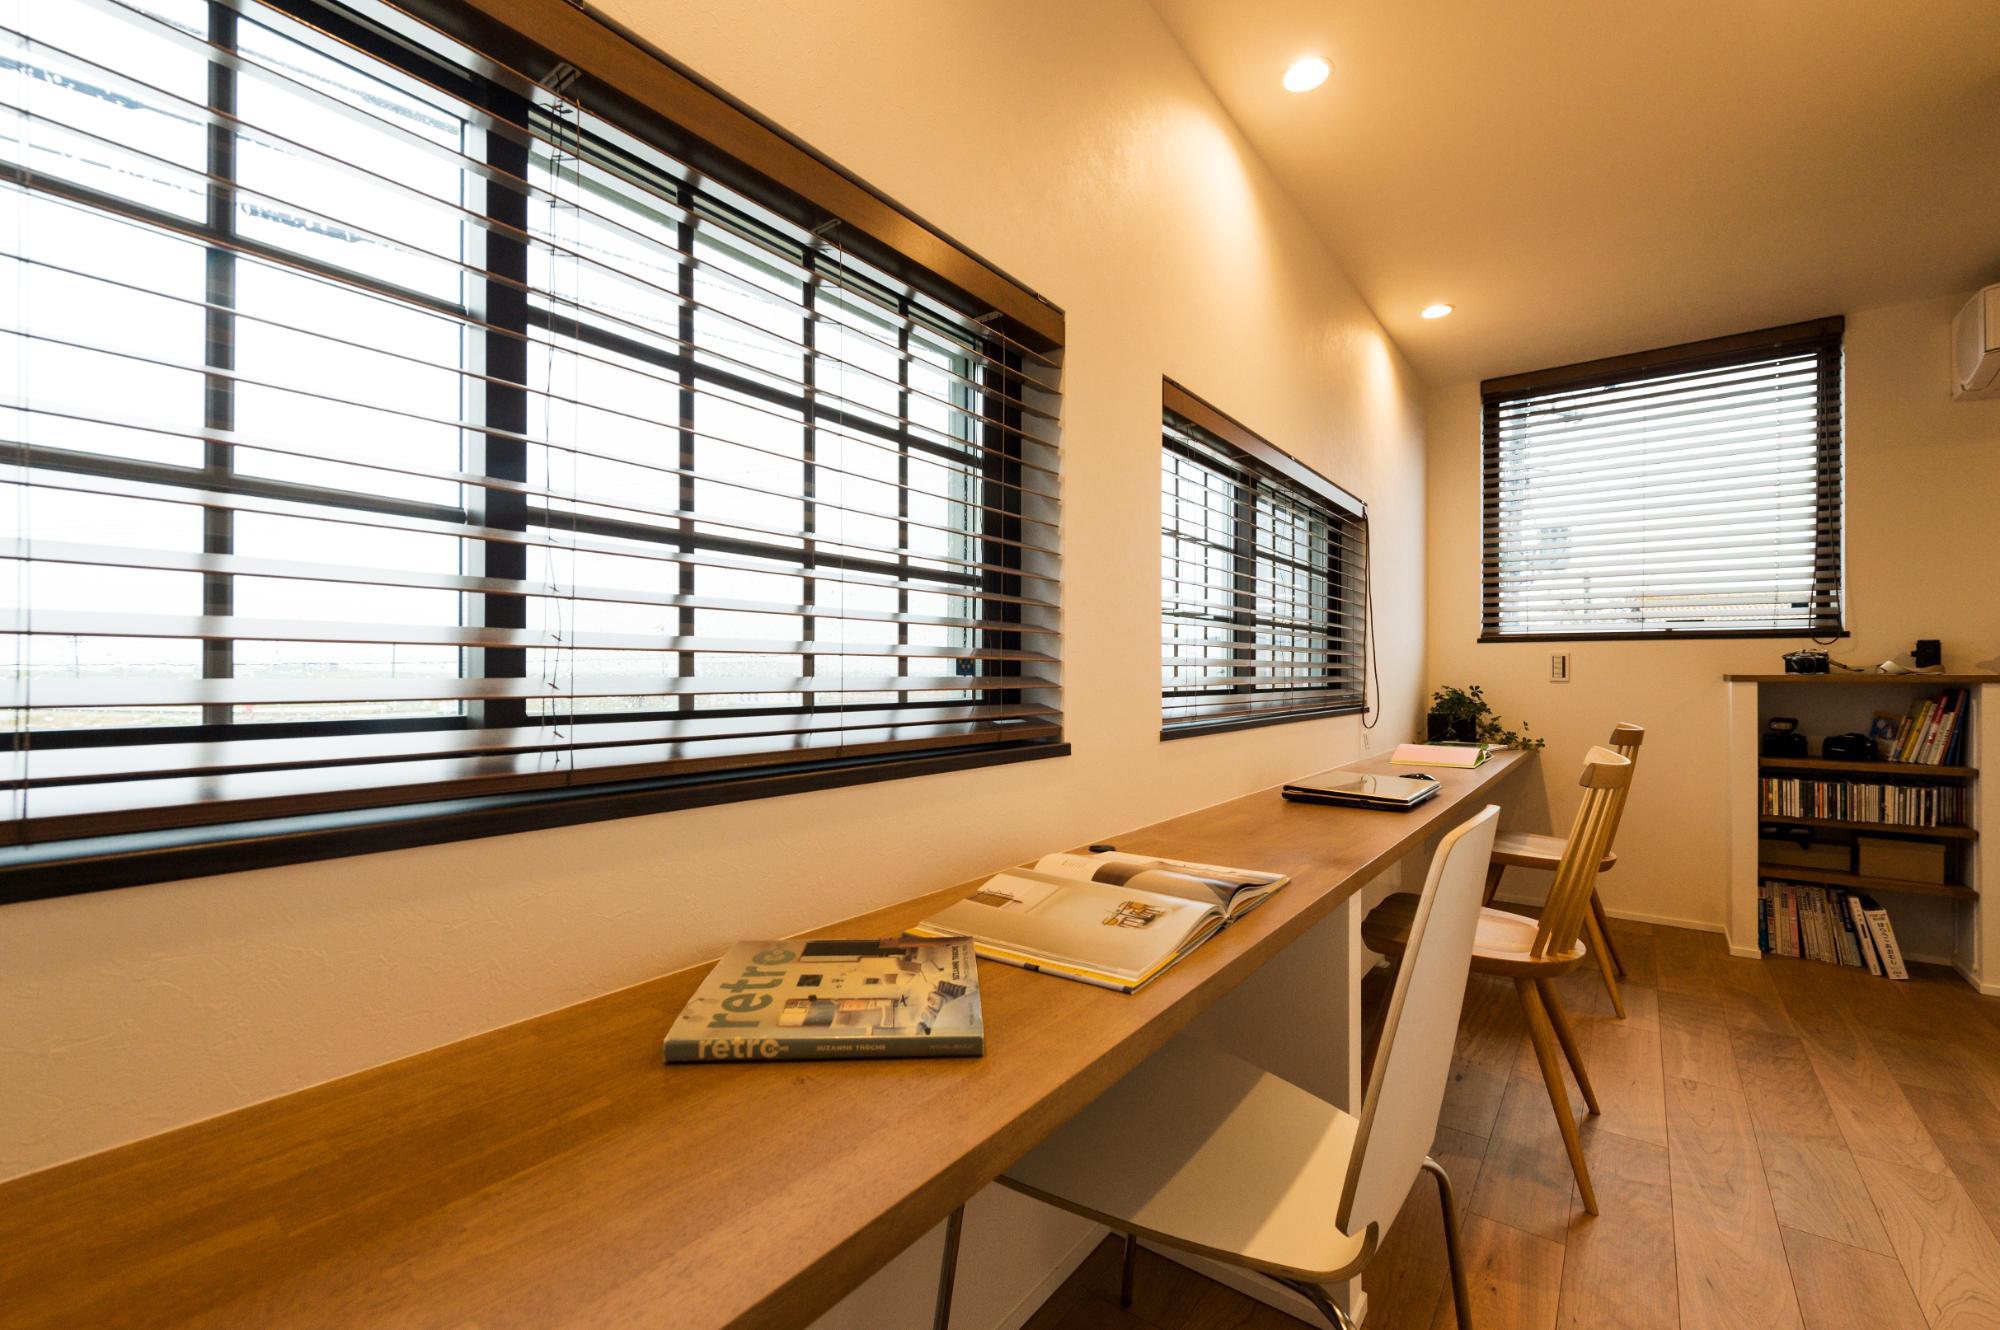 フクダハウジング株式会社「寛ぎのライブラリーがある家」のモダンな居室の実例写真